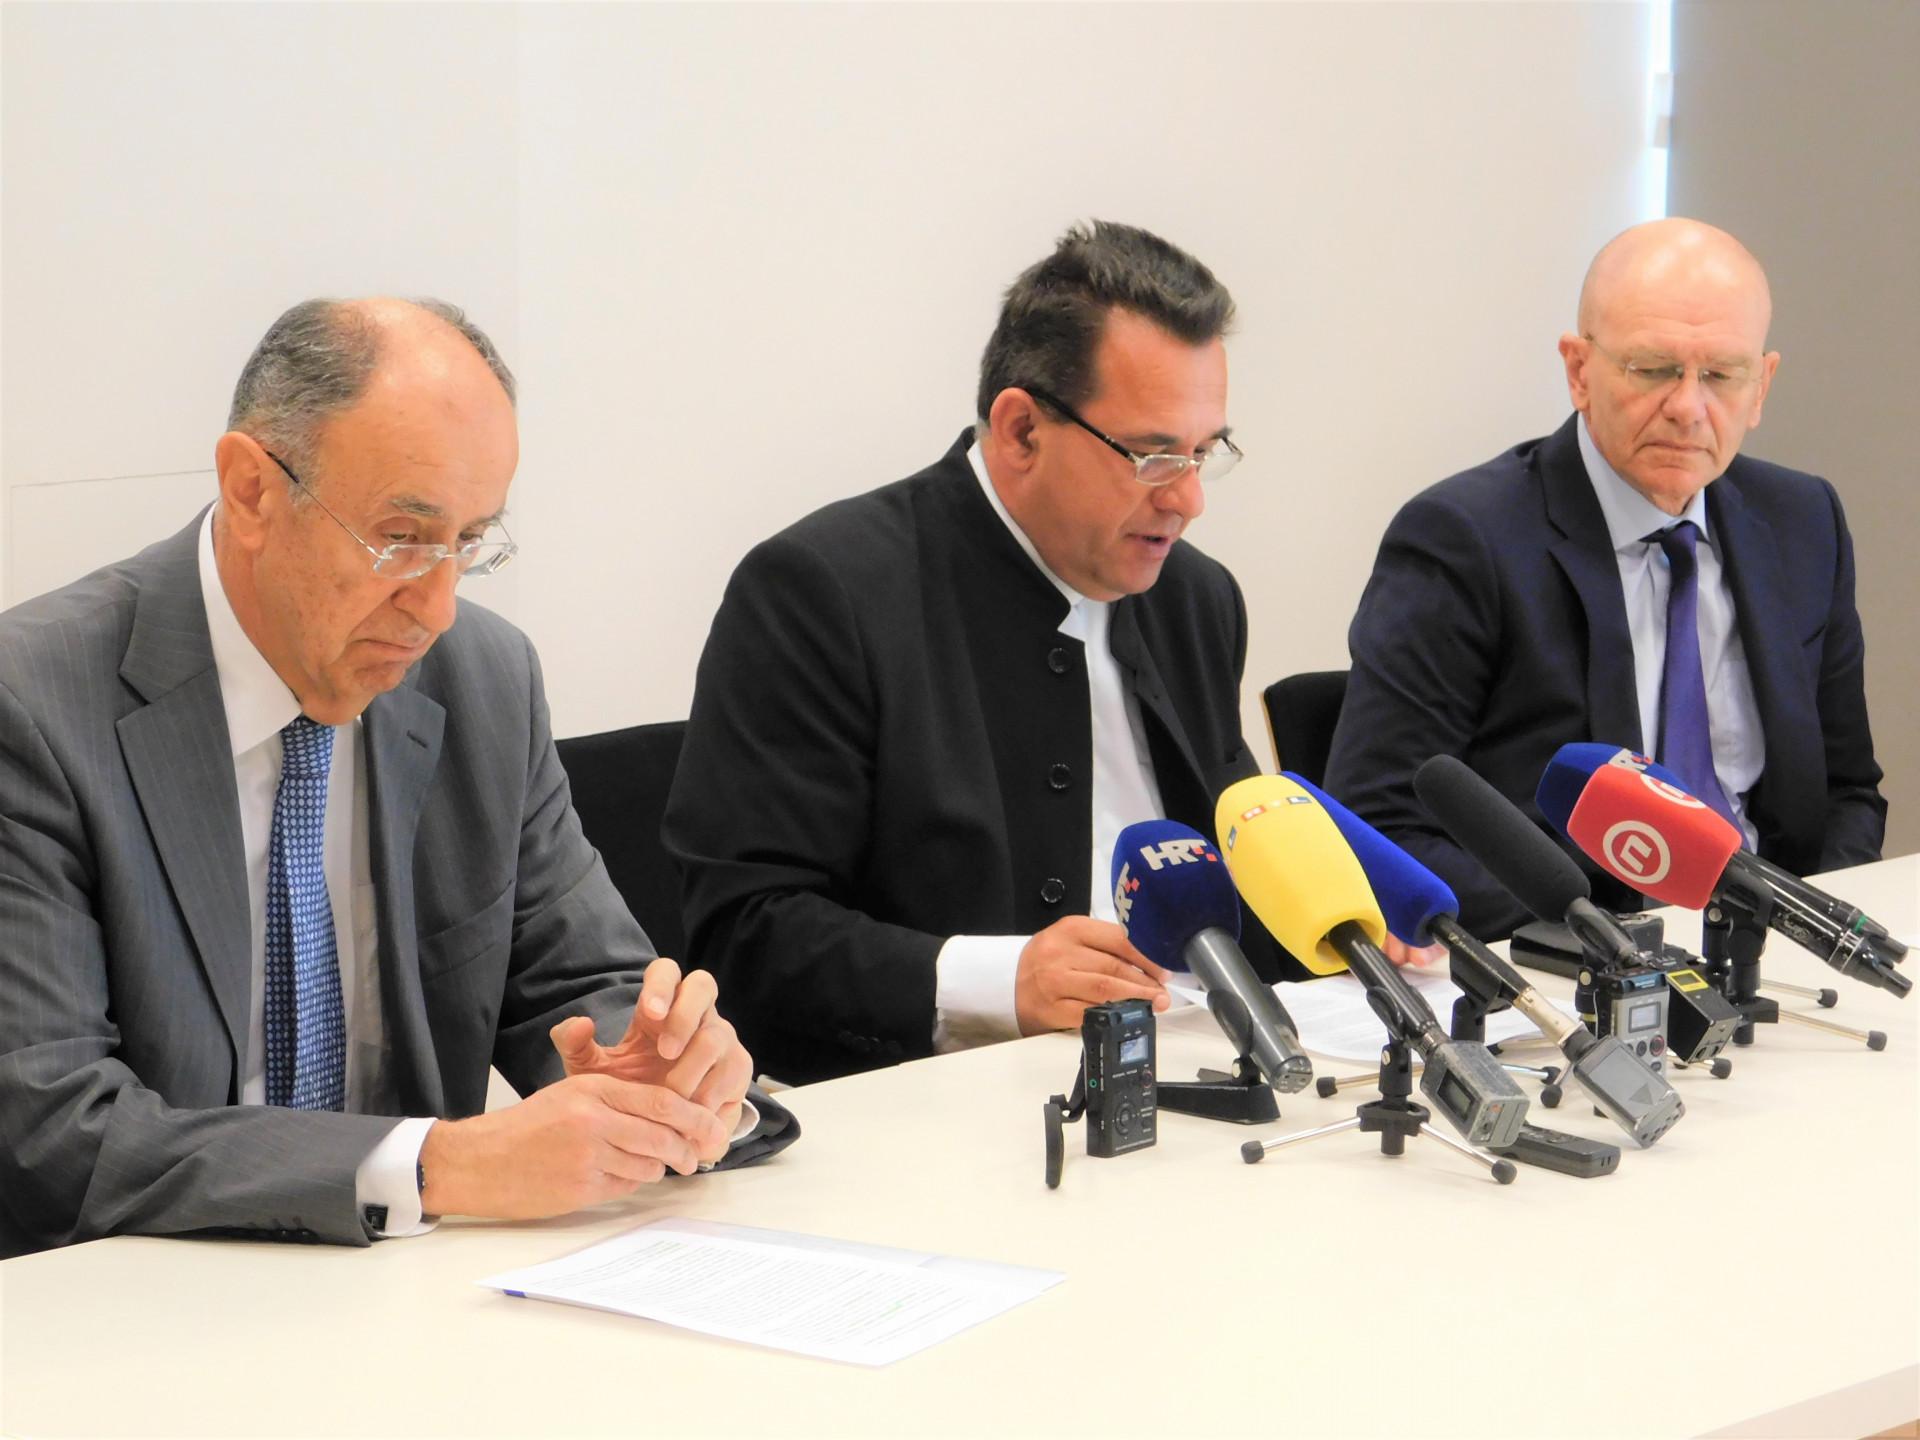 """Izjava Komisije HBK """"Iustitia et pax"""" o predstojećim izborima za Europski parlament"""